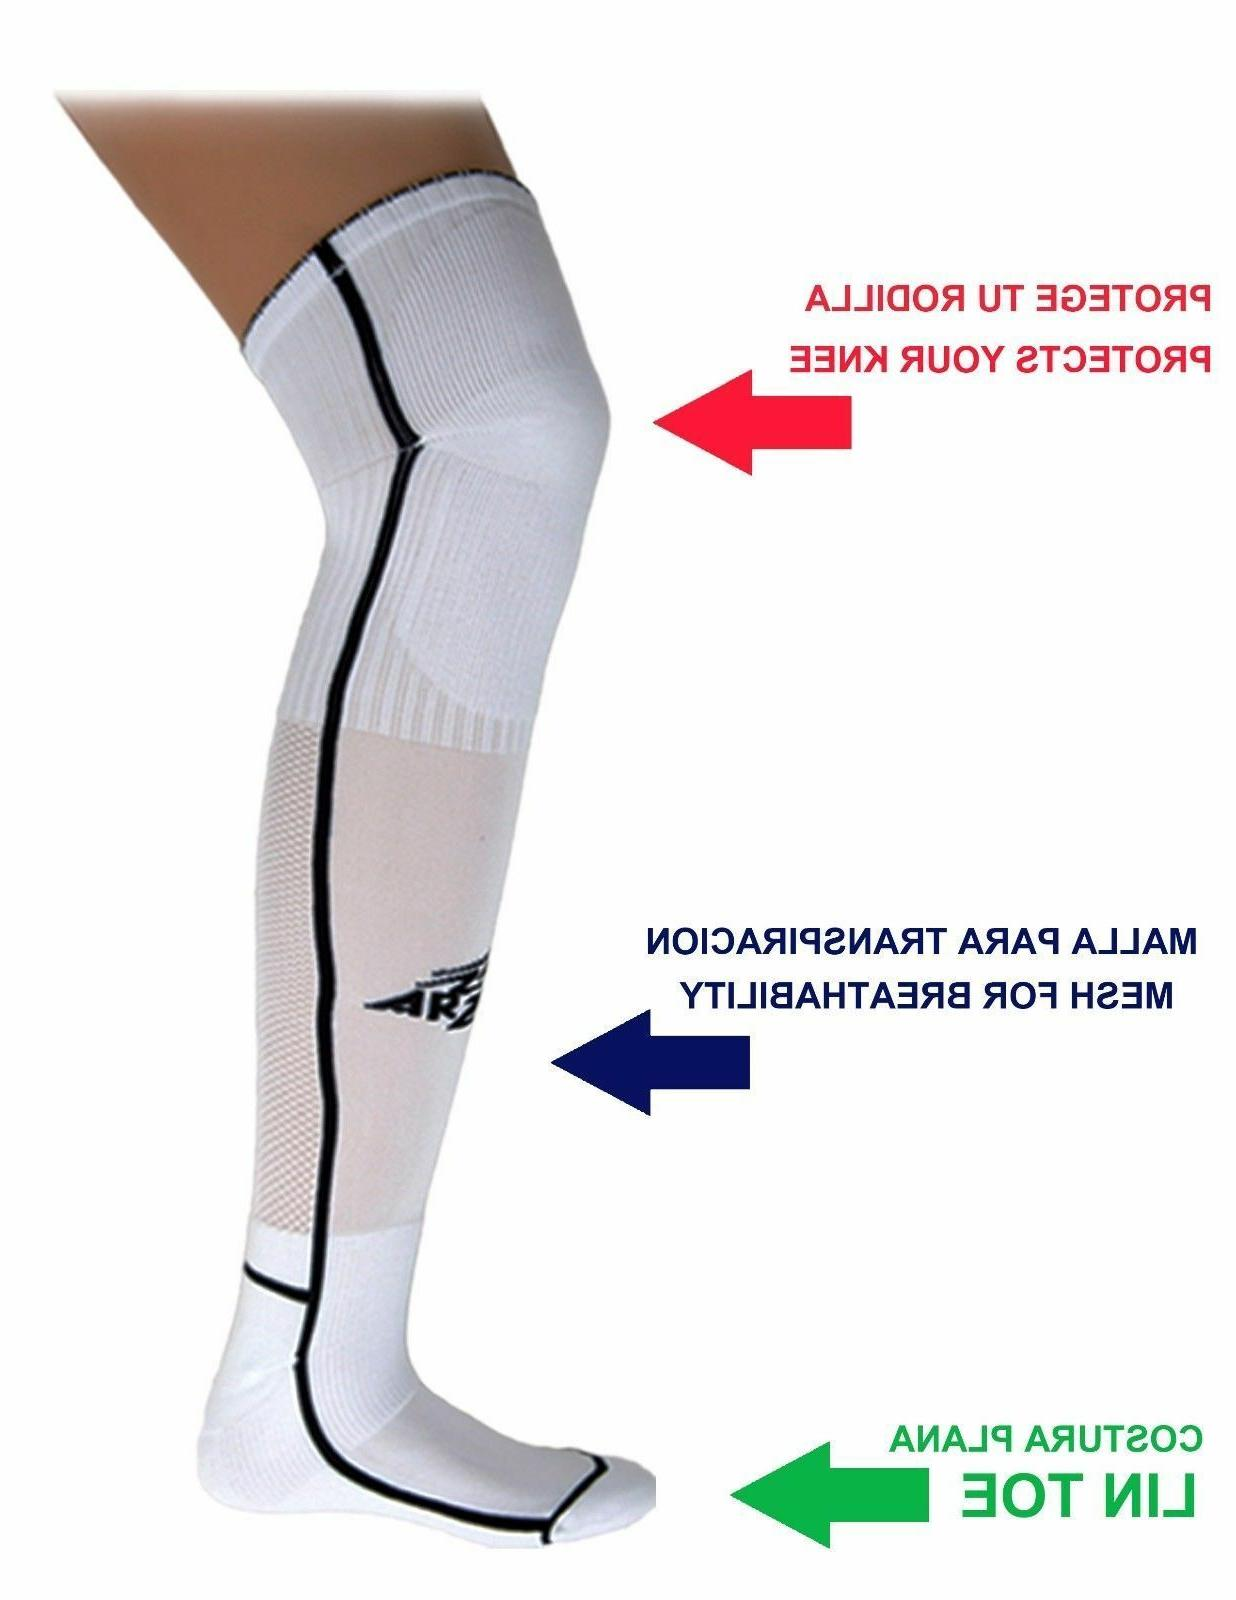 goalie socks arza for men and women